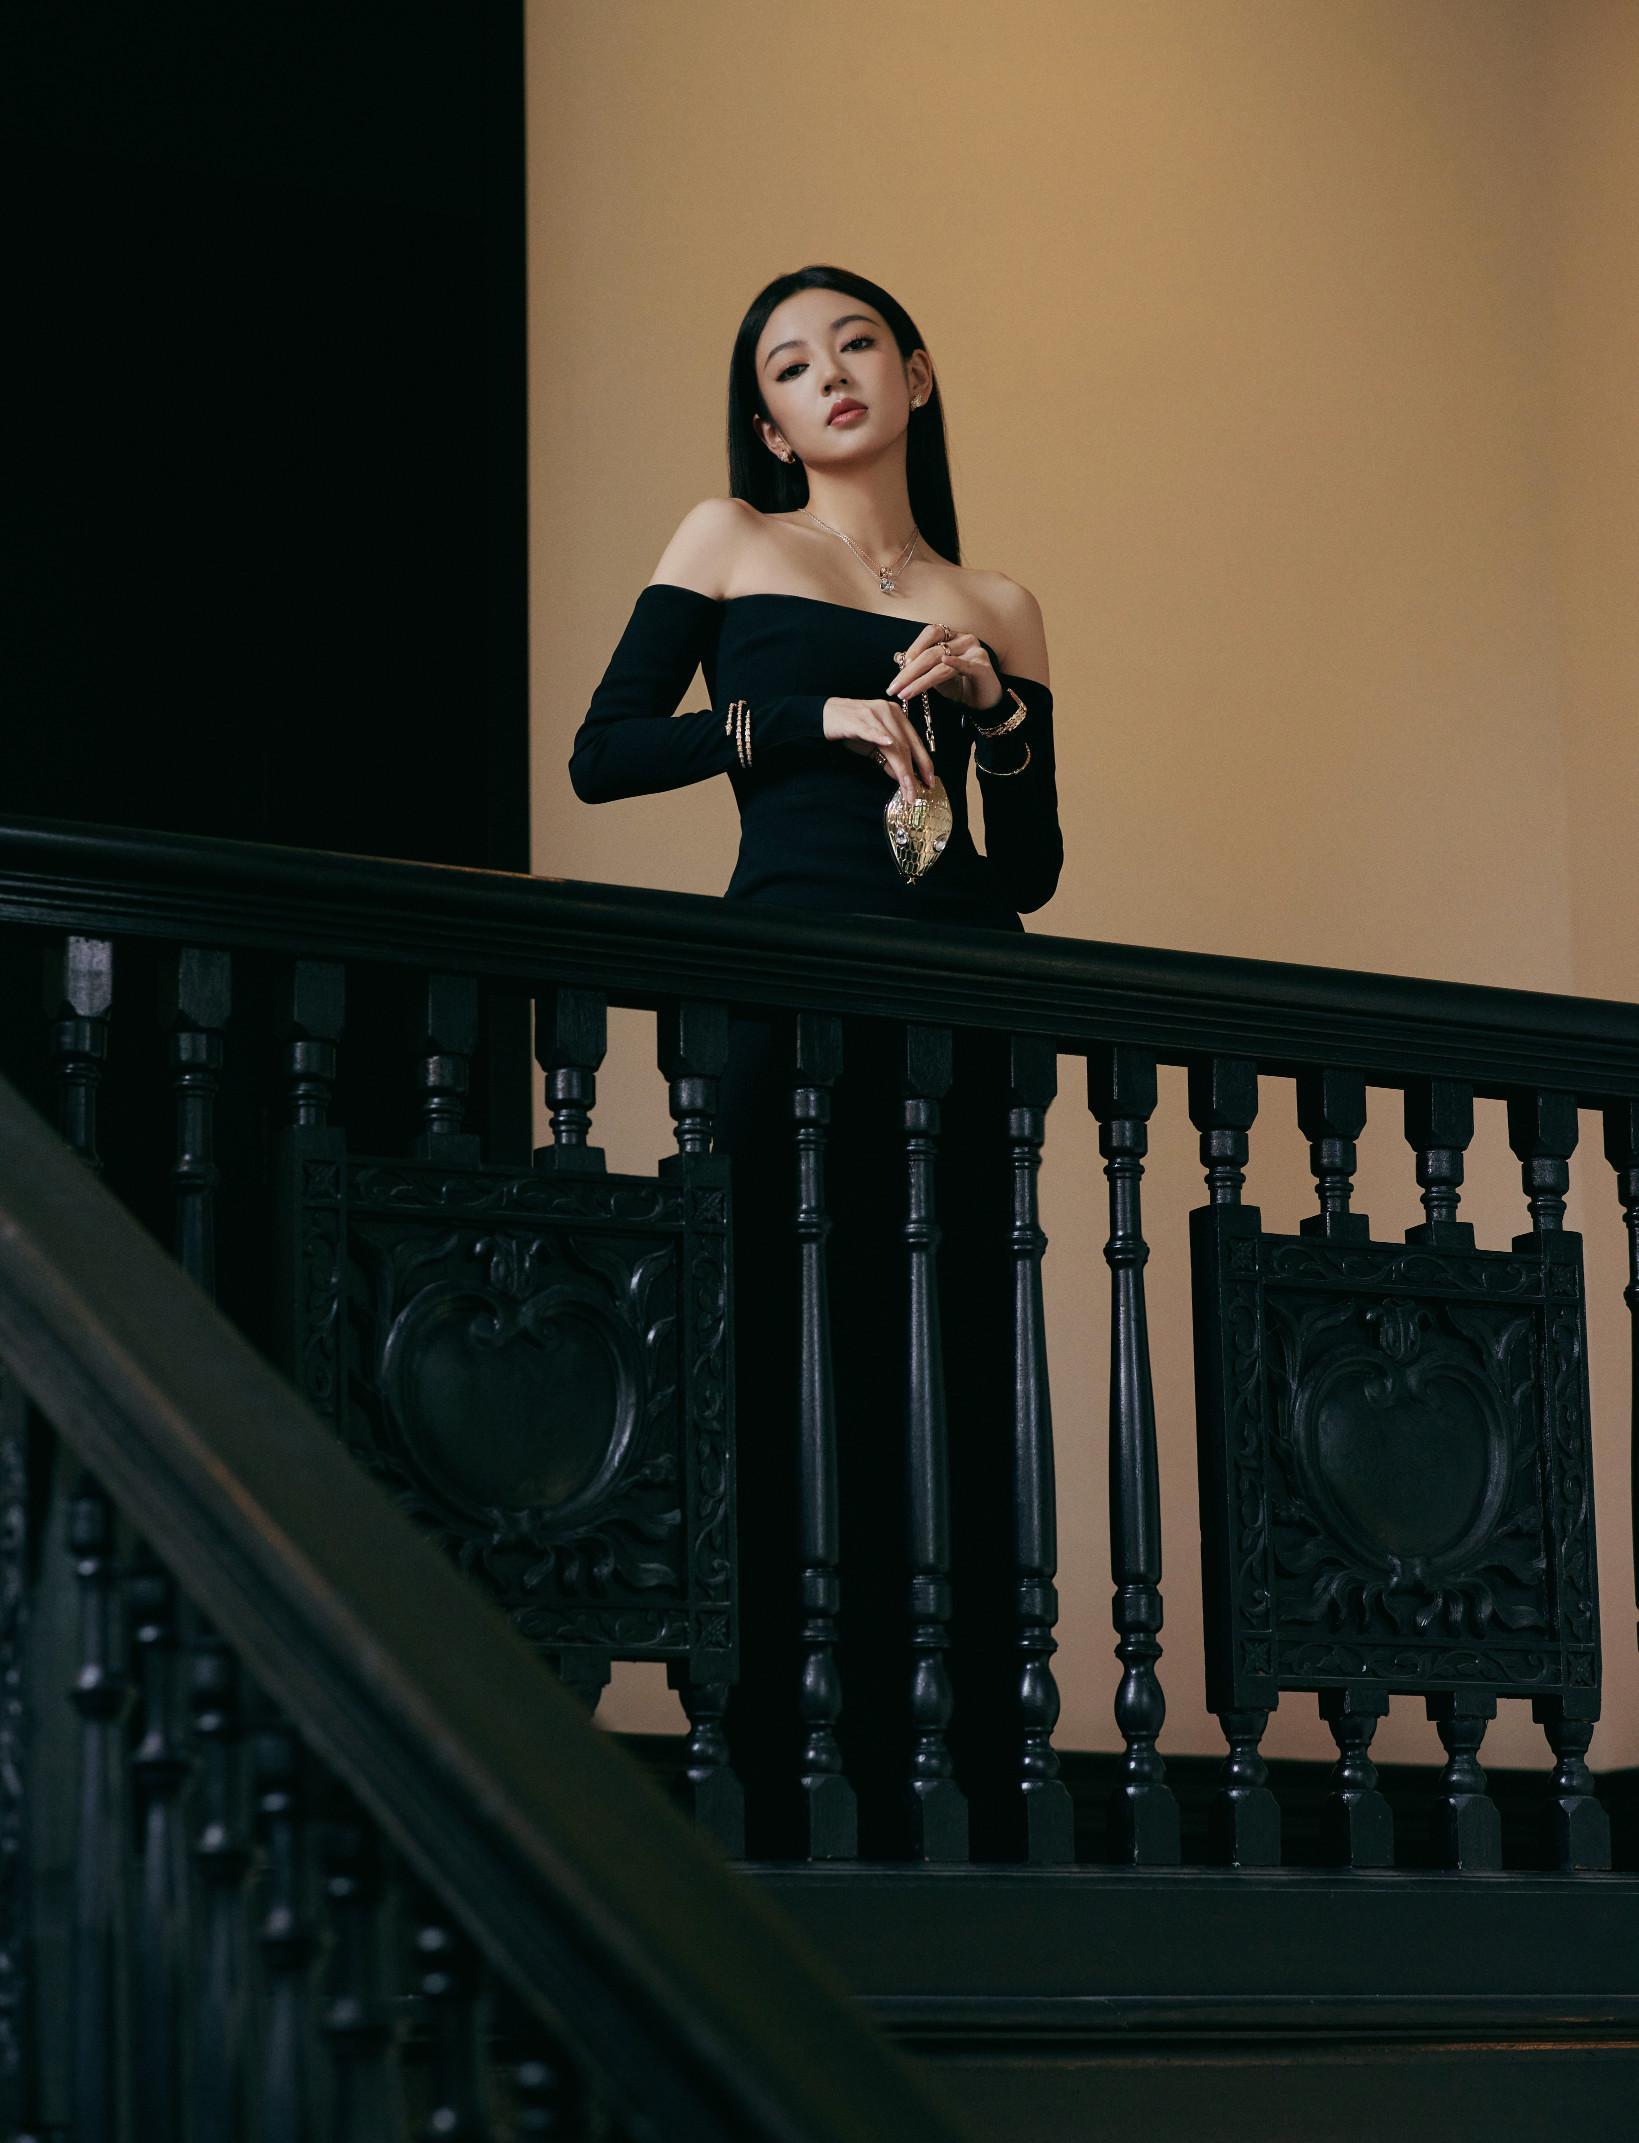 欢娱影视演员@何瑞贤 今日出席BVLGRI宝格丽品牌开幕活动